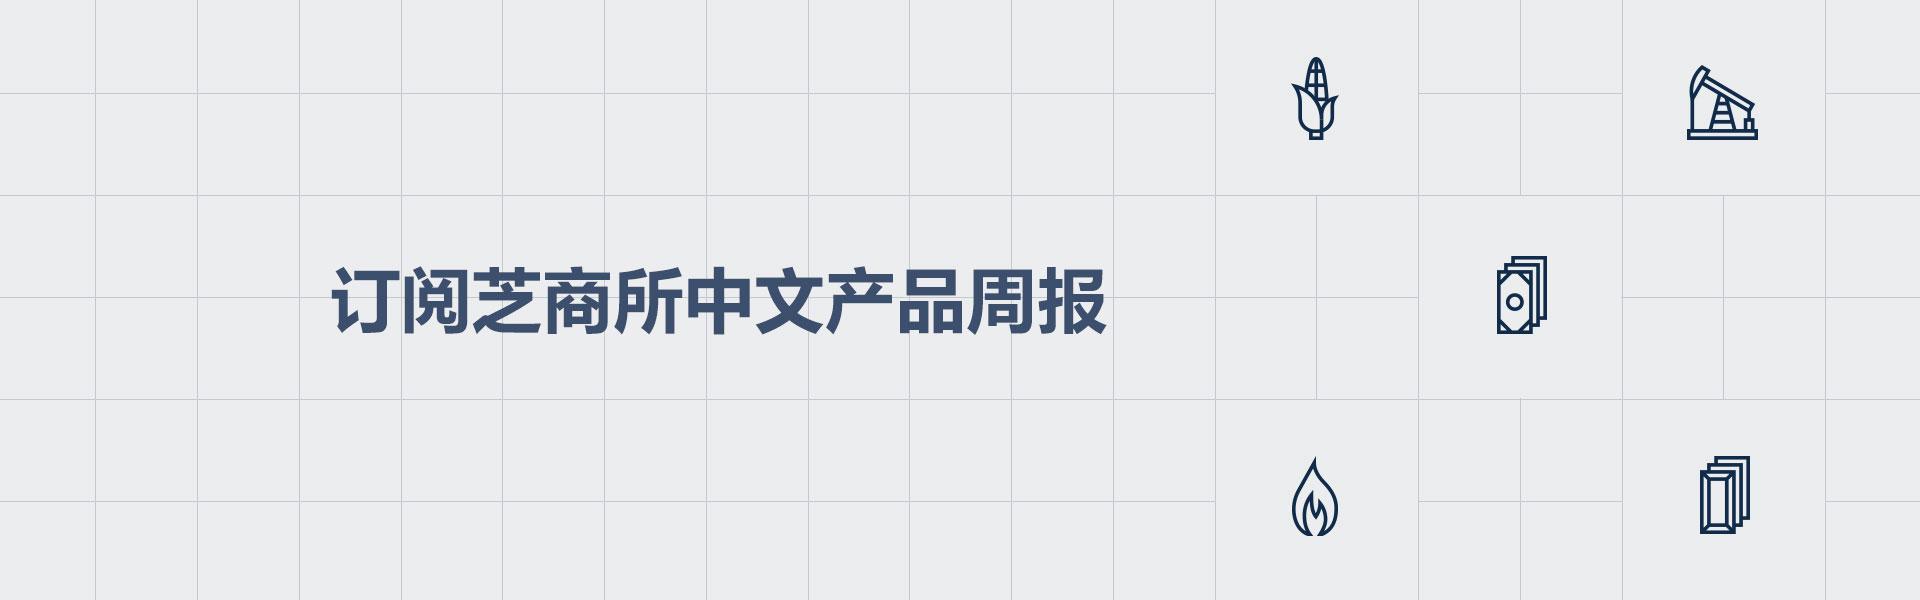 订阅芝商所中文产品周报